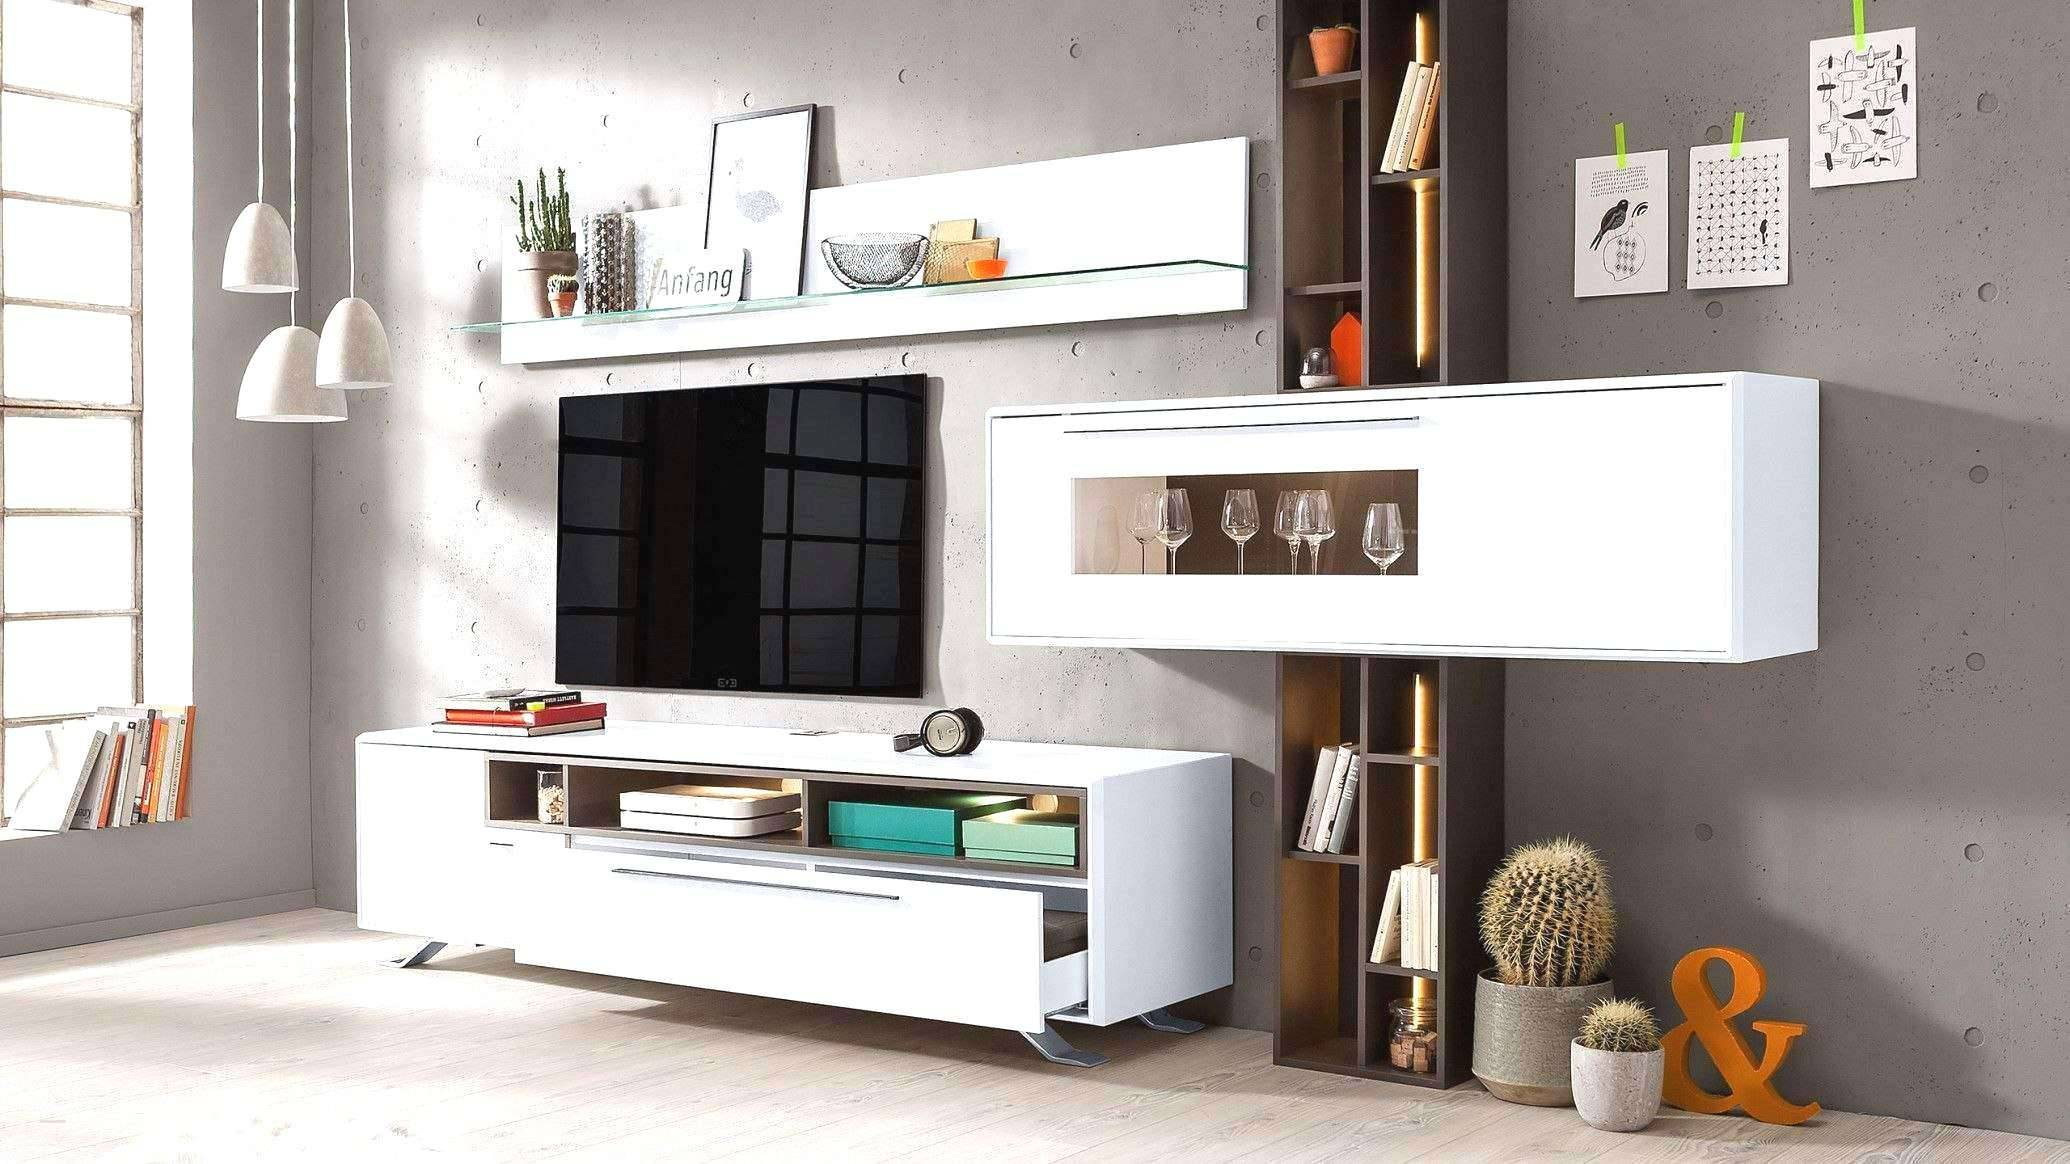 wohnzimmer dekoration vintage best of 37 inspirierend wohnzimmer deko ideen schon of wohnzimmer dekoration vintage